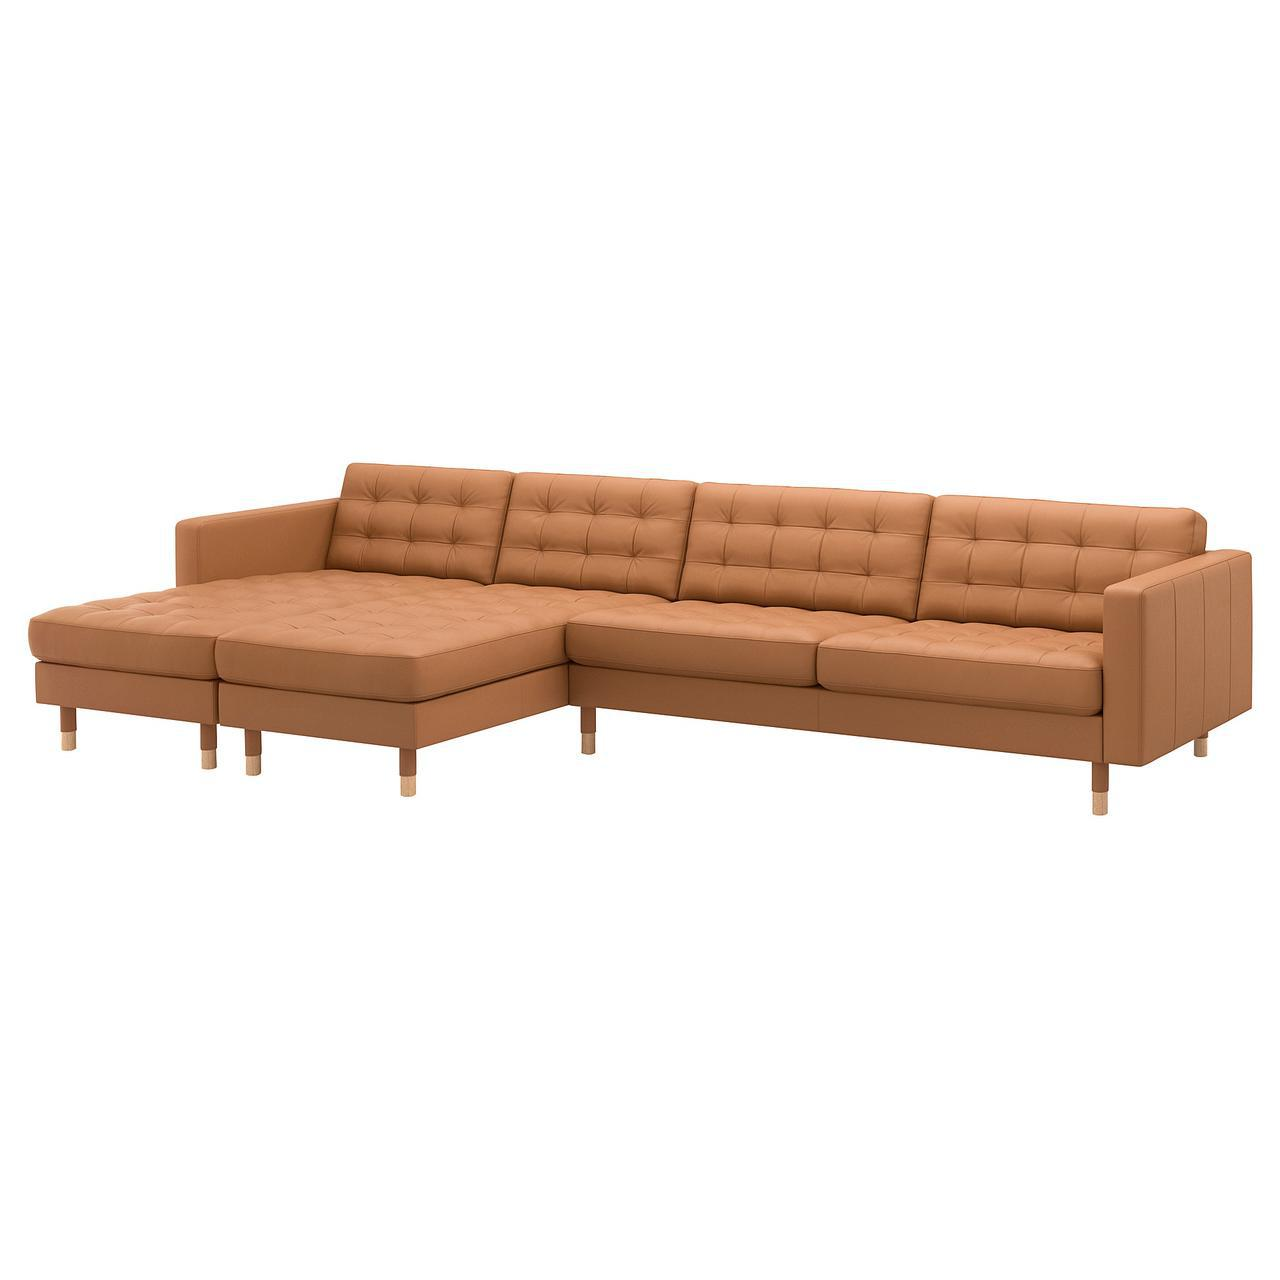 Диван IKEA LANDSKRONA с шезлонгом Grann Bomstad светло-коричневый 292.691.54